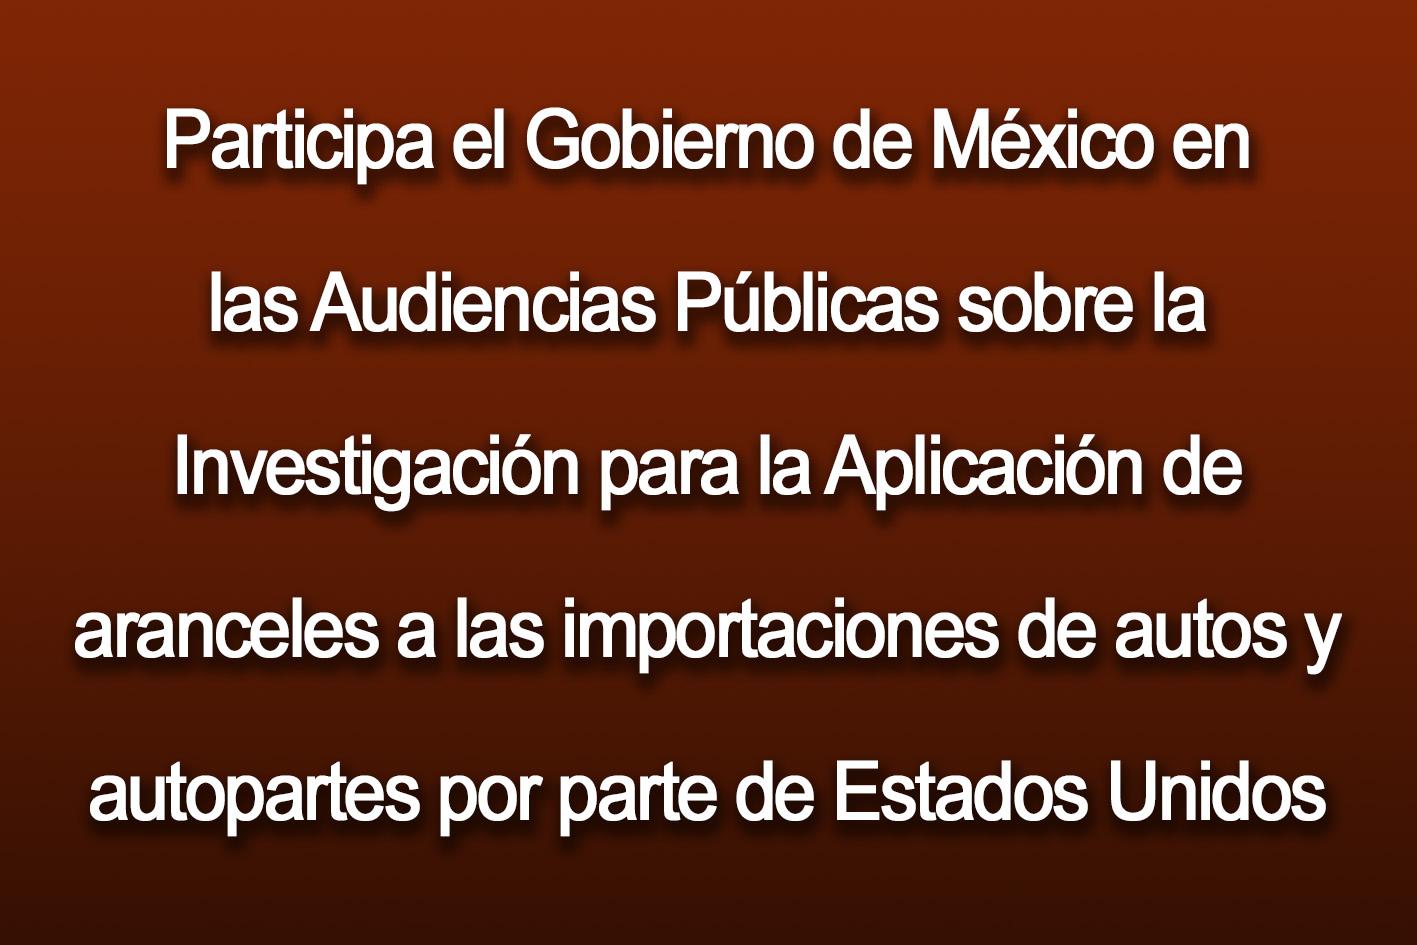 Photo of Participa el Gobierno de México en las Audiencias Públicas sobre la Investigación para la Aplicación de aranceles a las importaciones de autos y autopartes por parte de Estados Unidos